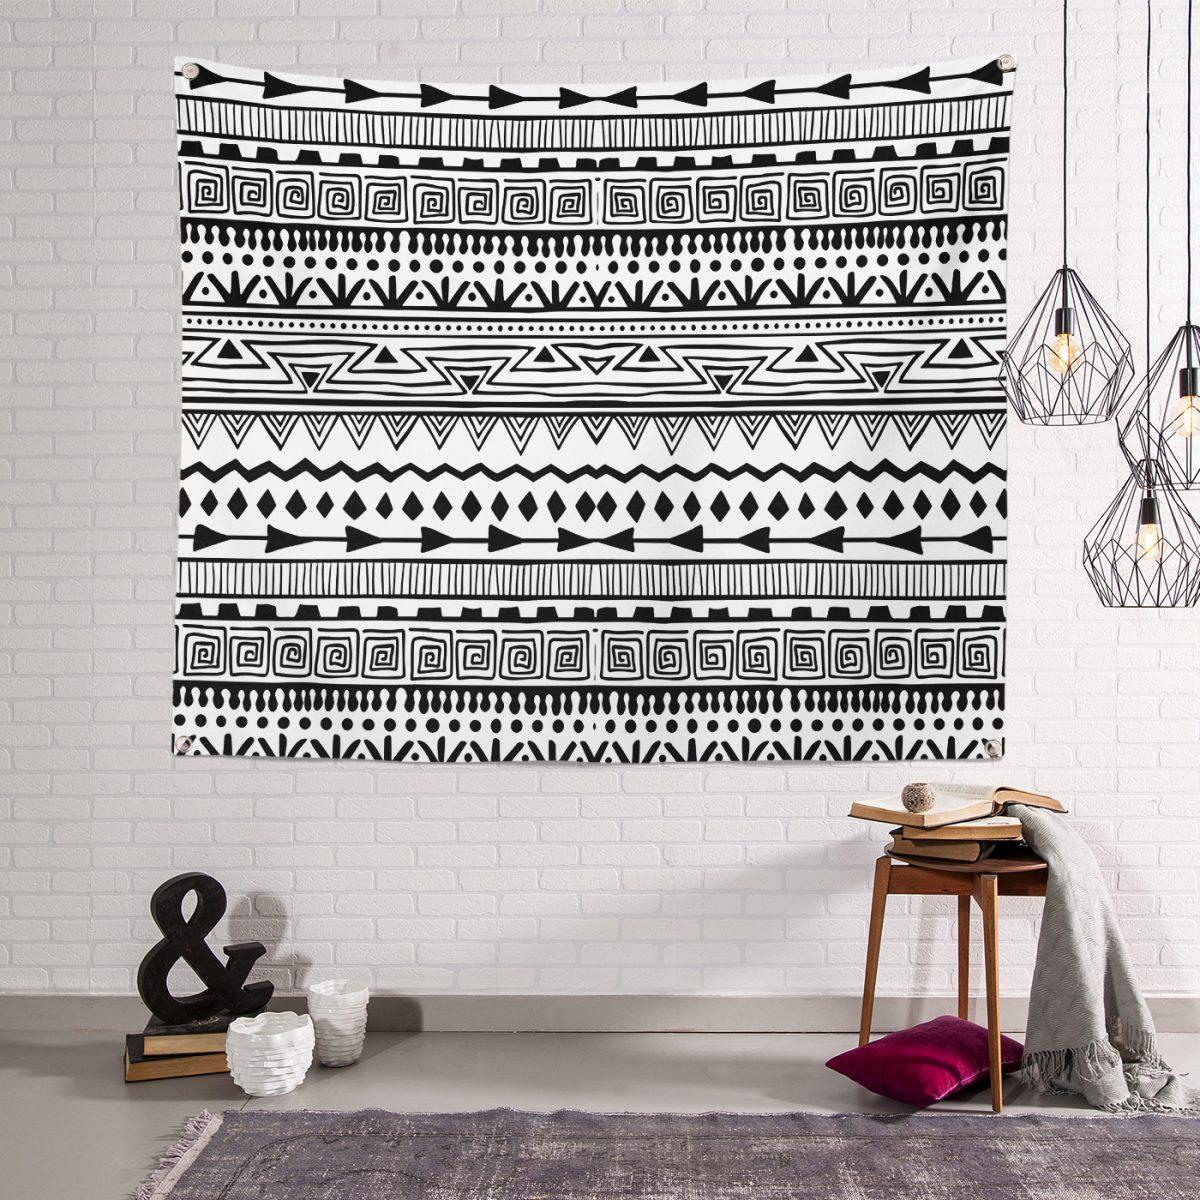 Beyaz Zeminde Yıldızlar Desenli Dijital Baskılı Tapestry Duvar Örtüsü Realhomes